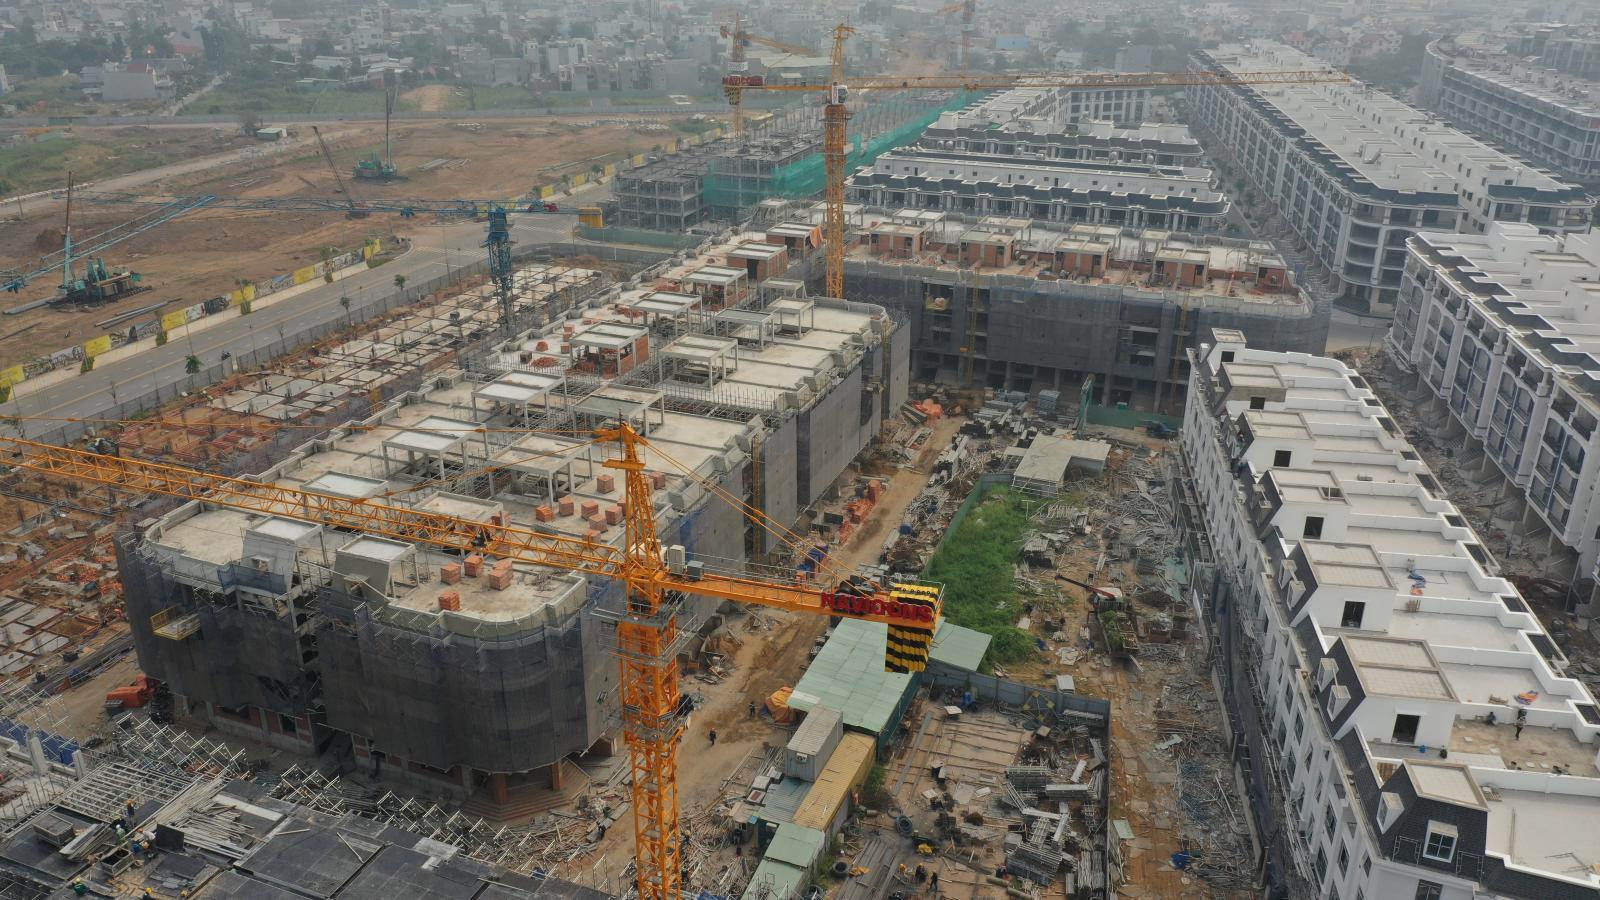 Công trường một dự án khu đô thị với tòa căn hộ đang xây dựng, giá bán căn hộ sẽ khó giảm trong năm nay.